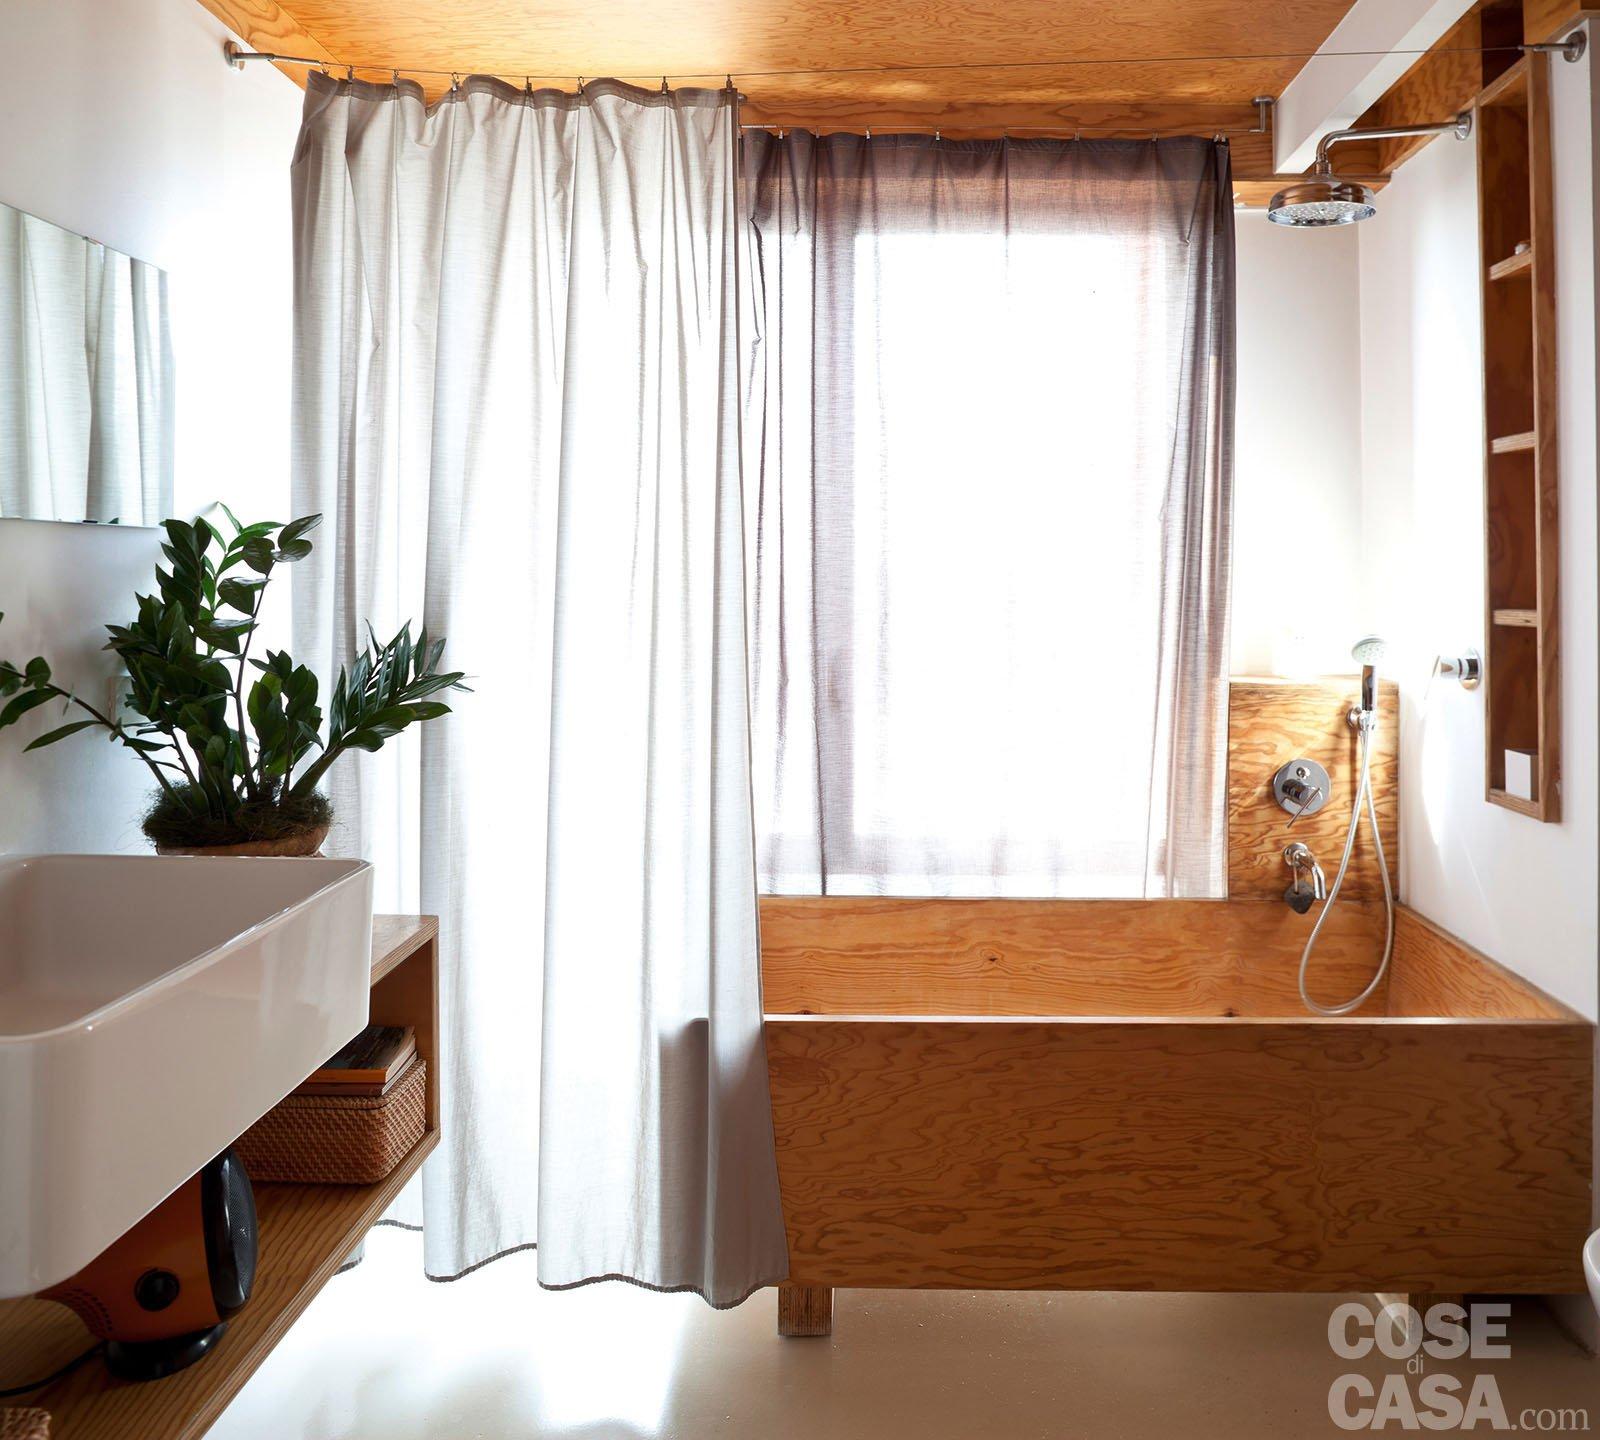 Loft una casa con materiali protagonisti e soppalco per aumentare la metratura cose di casa - Modelli di tende per bagno ...